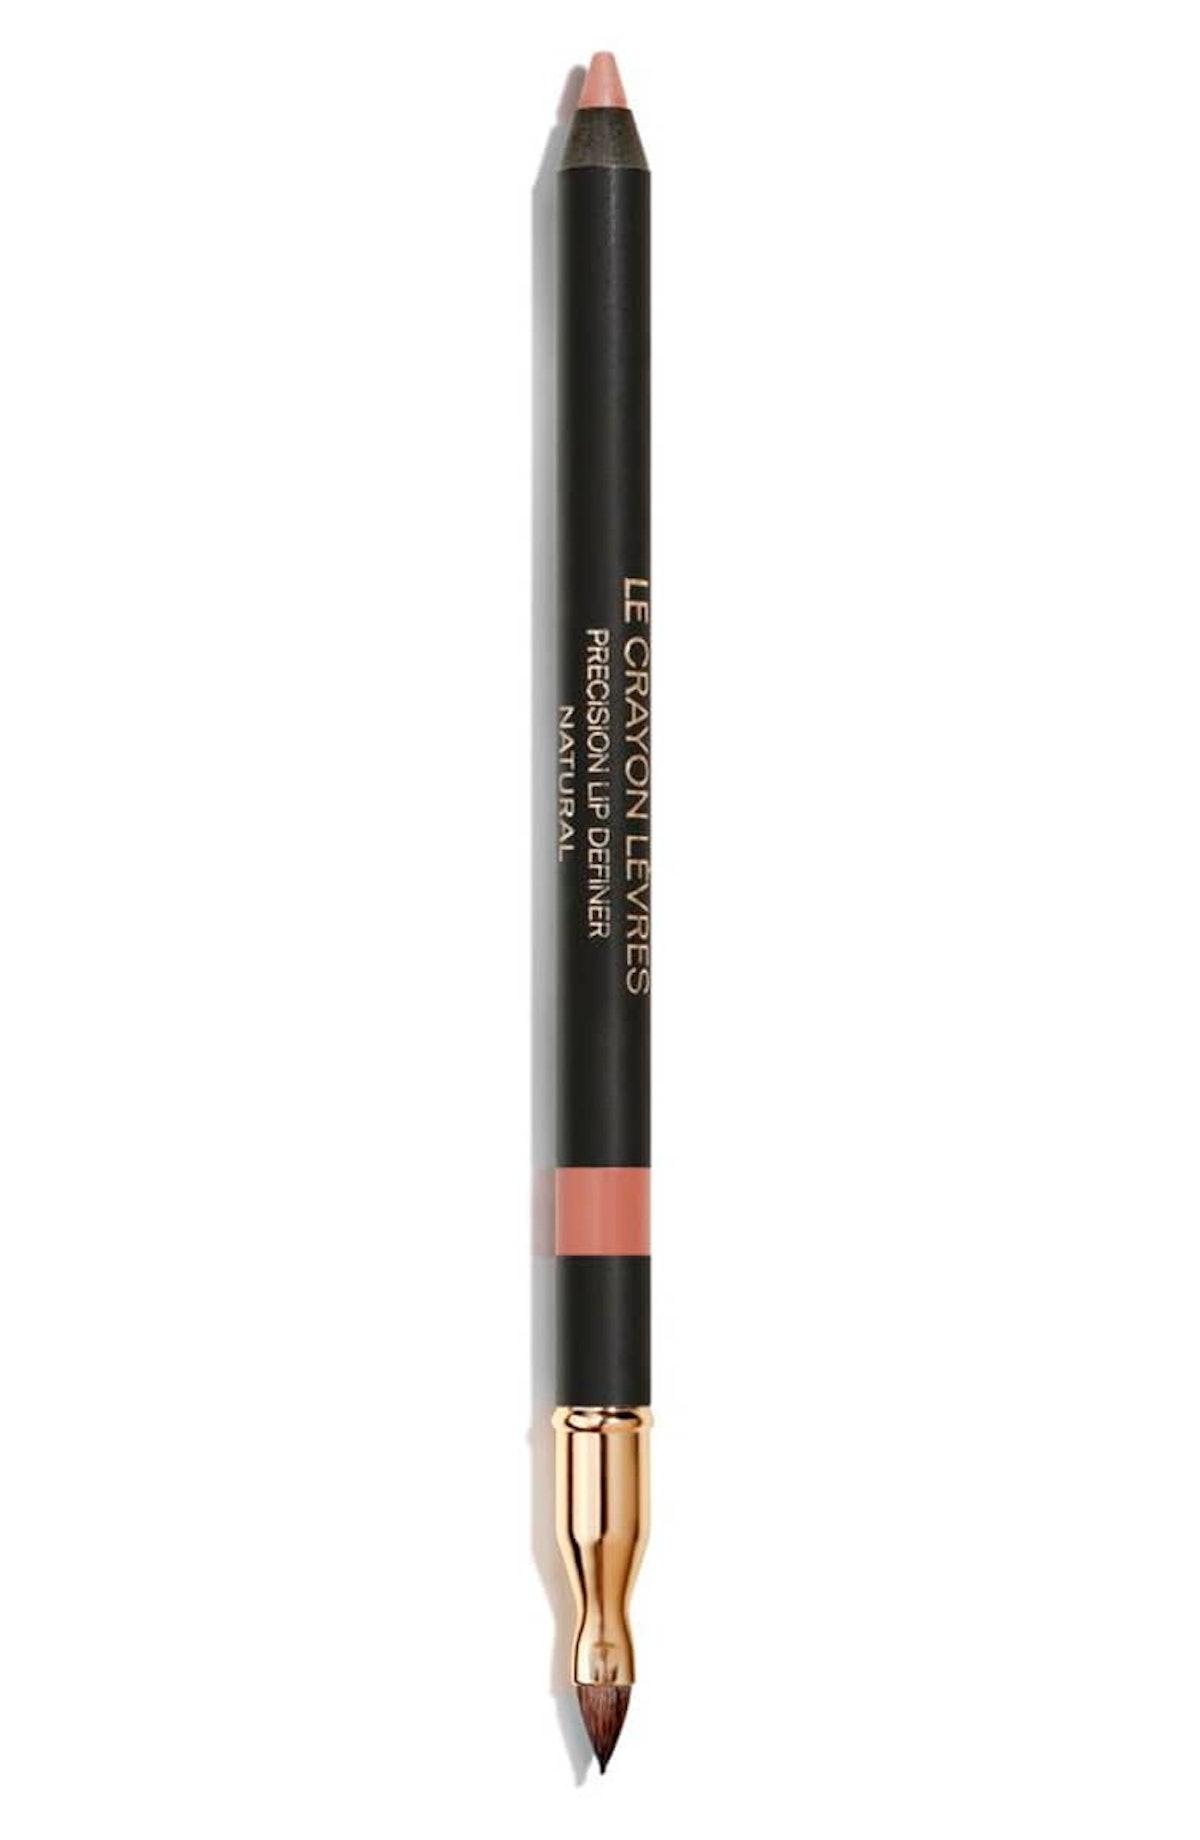 Le Crayon Lèvres Precision Lip Definer In Natural